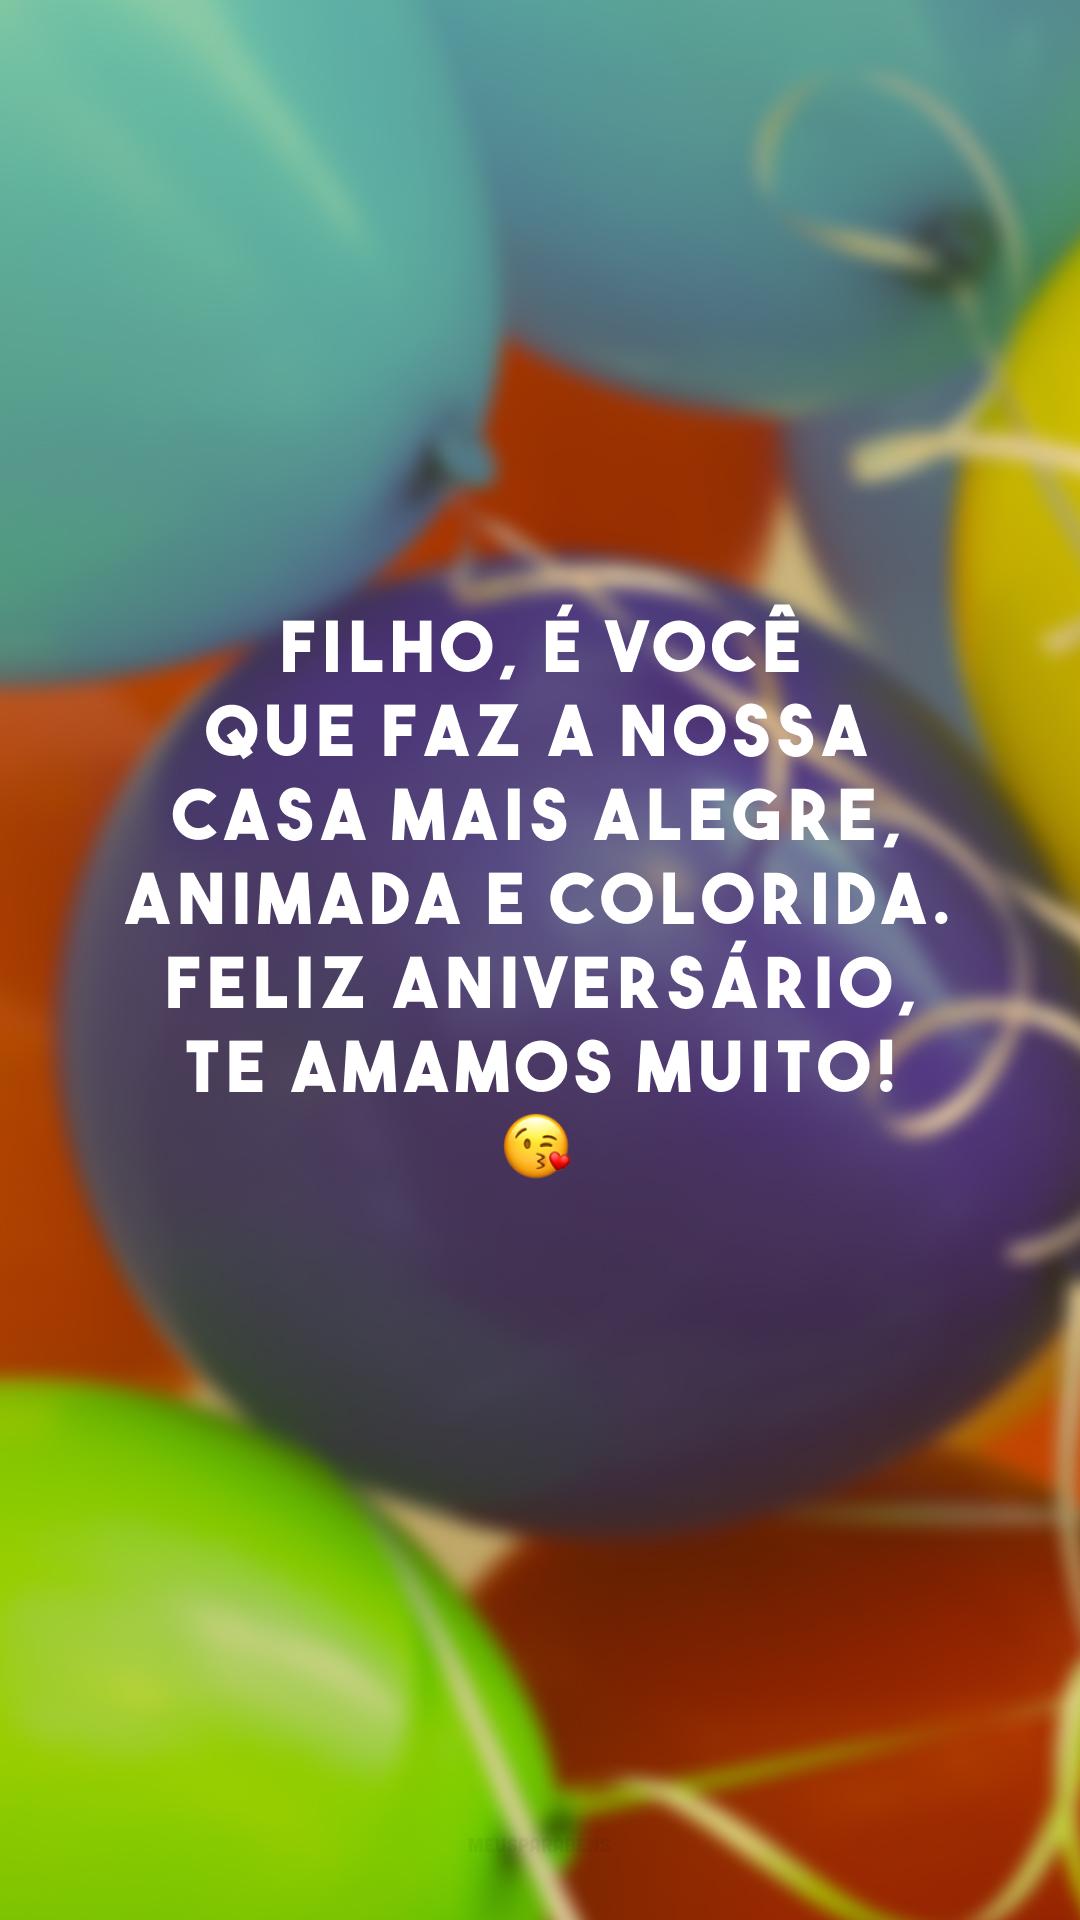 Filho, é você que faz a nossa casa mais alegre, animada e colorida. Feliz aniversário, te amamos muito! 😘